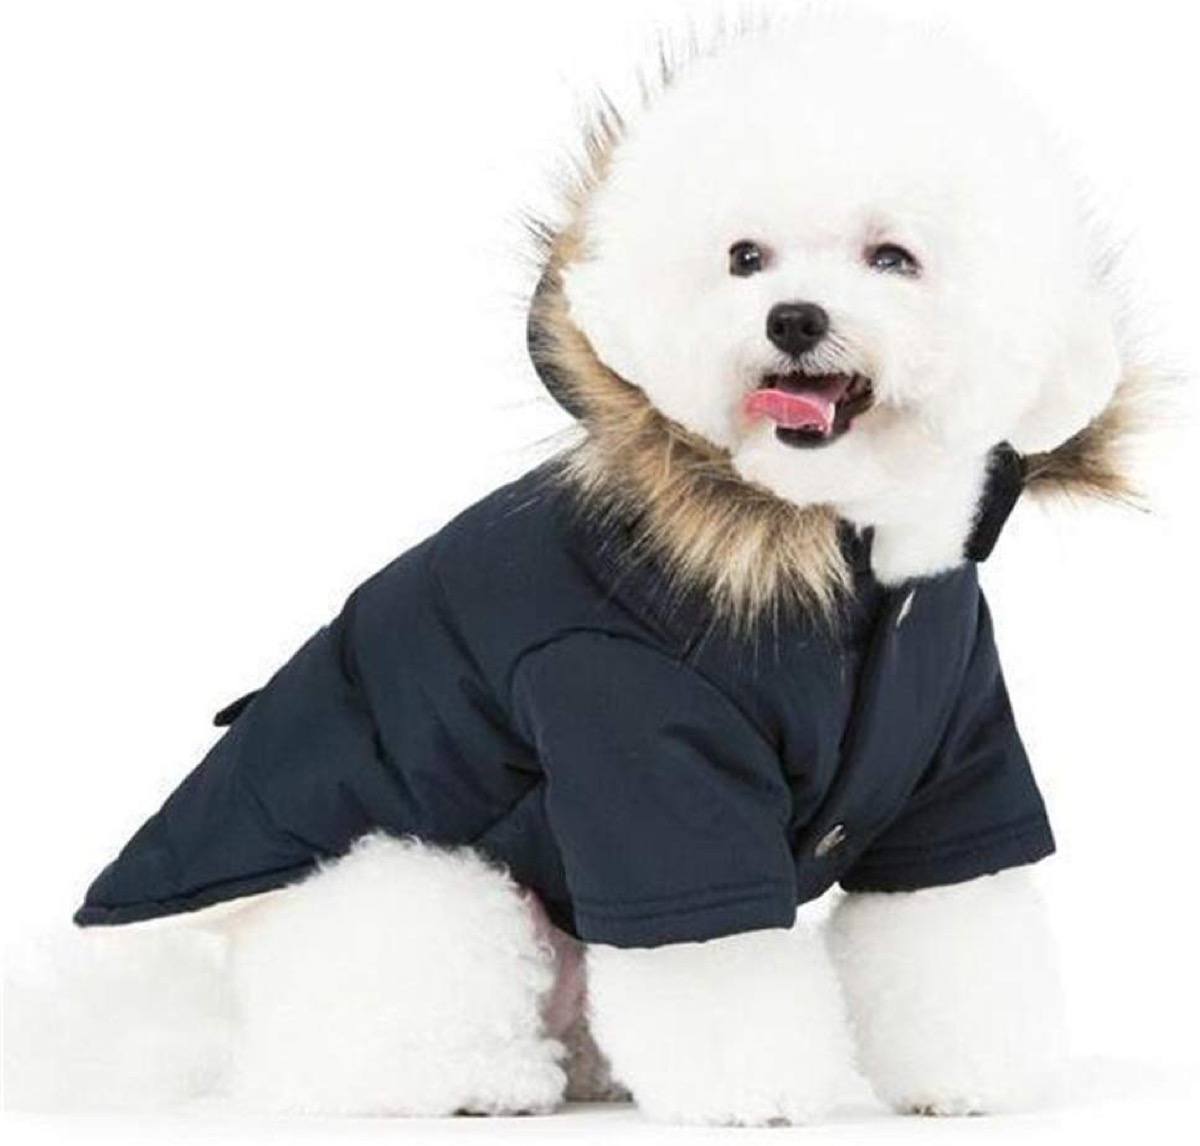 White dog wearing parka